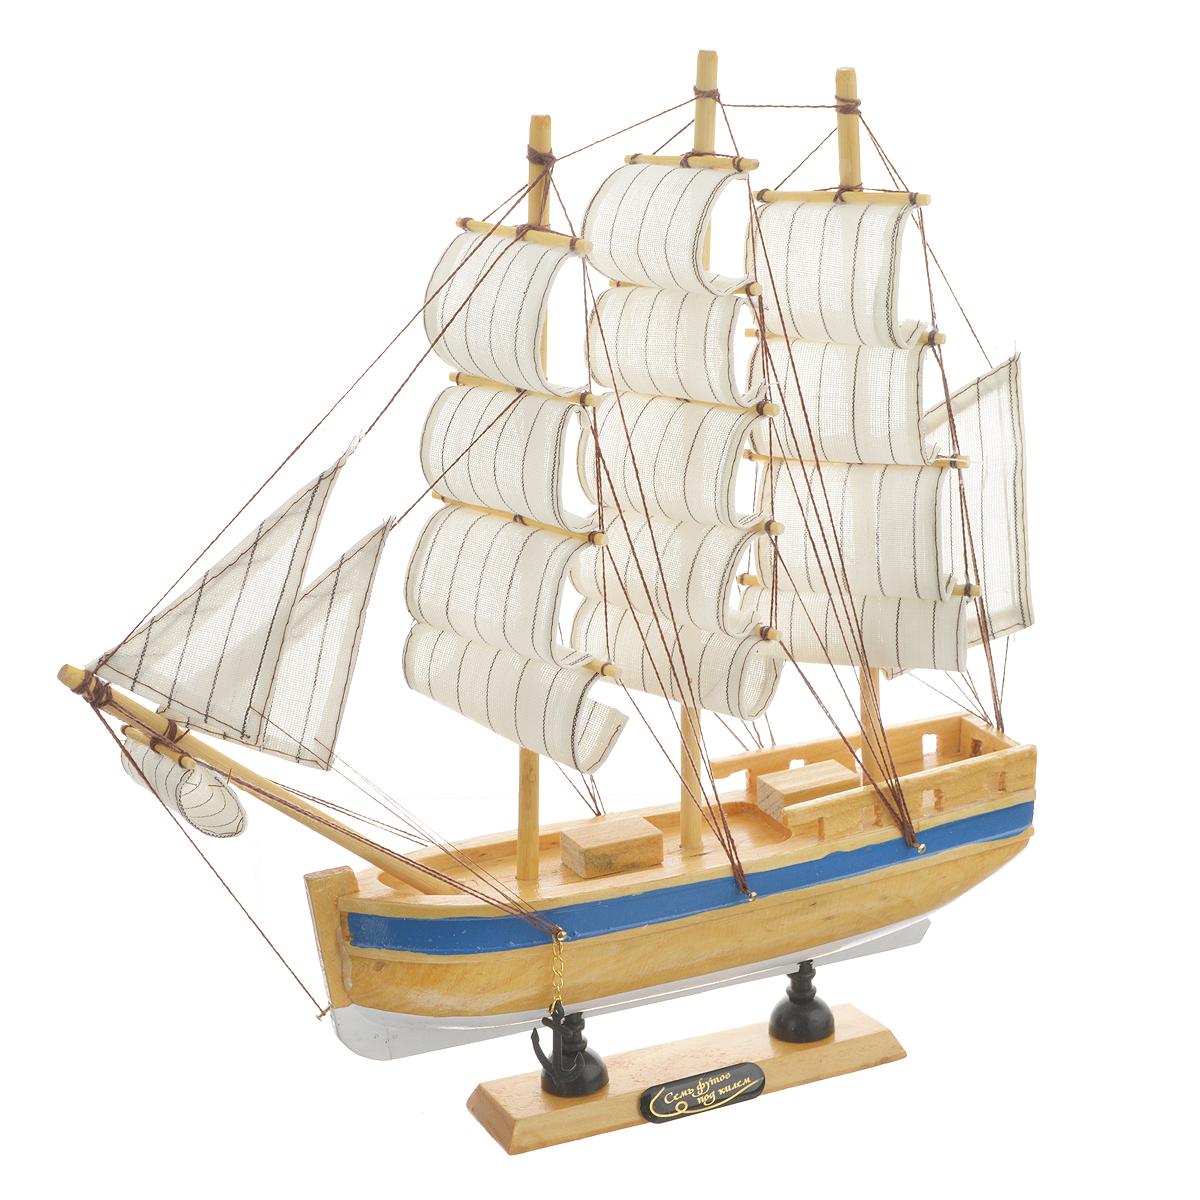 Корабль сувенирный Семь футов под килем, длина 30 см. 564181564181Сувенирный корабль Семь футов под килем, изготовленный из дерева и текстиля, это великолепный элемент декора рабочей зоны в офисе или кабинете. Корабль с парусами и якорями помещен на деревянную подставку. Время идет, и мы становимся свидетелями развития технического прогресса, новых учений и практик. Но одно не подвластно времени - это любовь человека к морю и кораблям. Сувенирный корабль наполнен историей и силой океанских вод. Данная модель кораблика станет отличным подарком для всех любителей морей, поклонников историй о покорении океанов и неизведанных земель. Модель корабля - подарок со смыслом. Издавна на Руси считалось, что корабли приносят удачу и везение. Поэтому их изображения, фигурки и точные копии всегда присутствовали в помещениях. Удивите себя и своих близких необычным презентом.